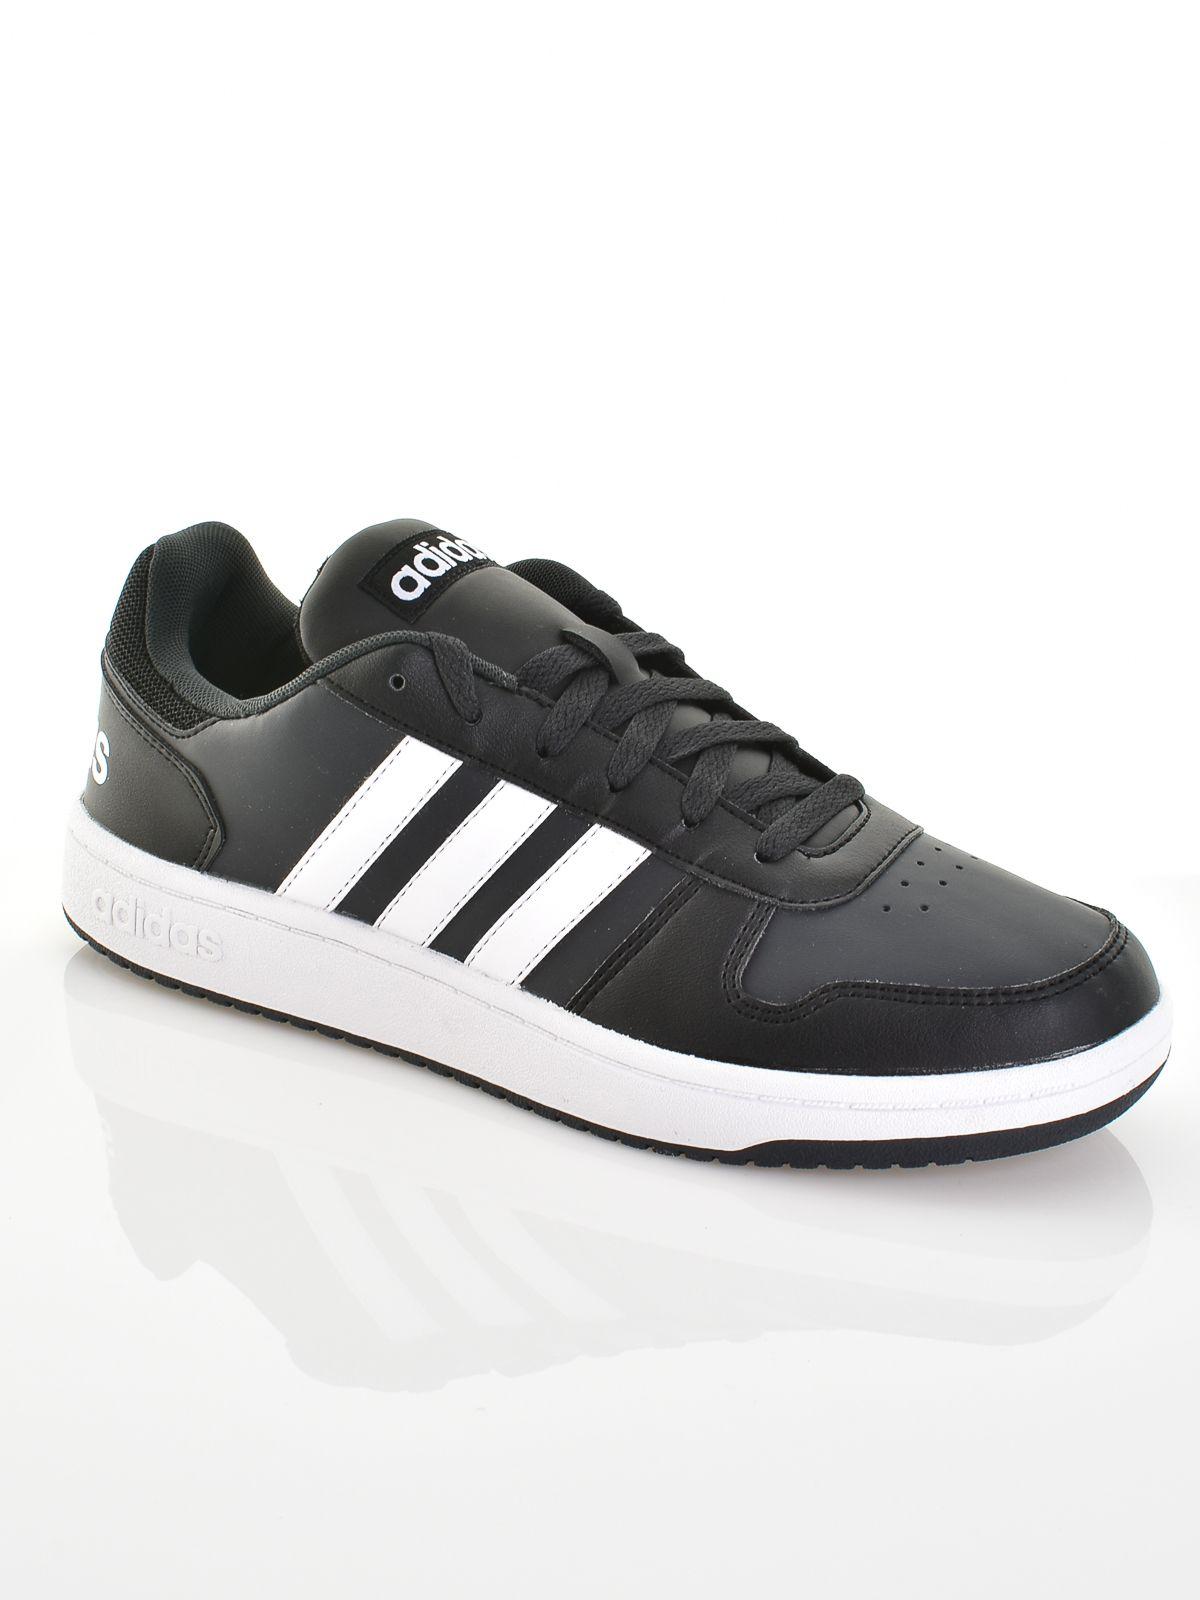 Adidas férfi cipő HOOPS 2.0 1